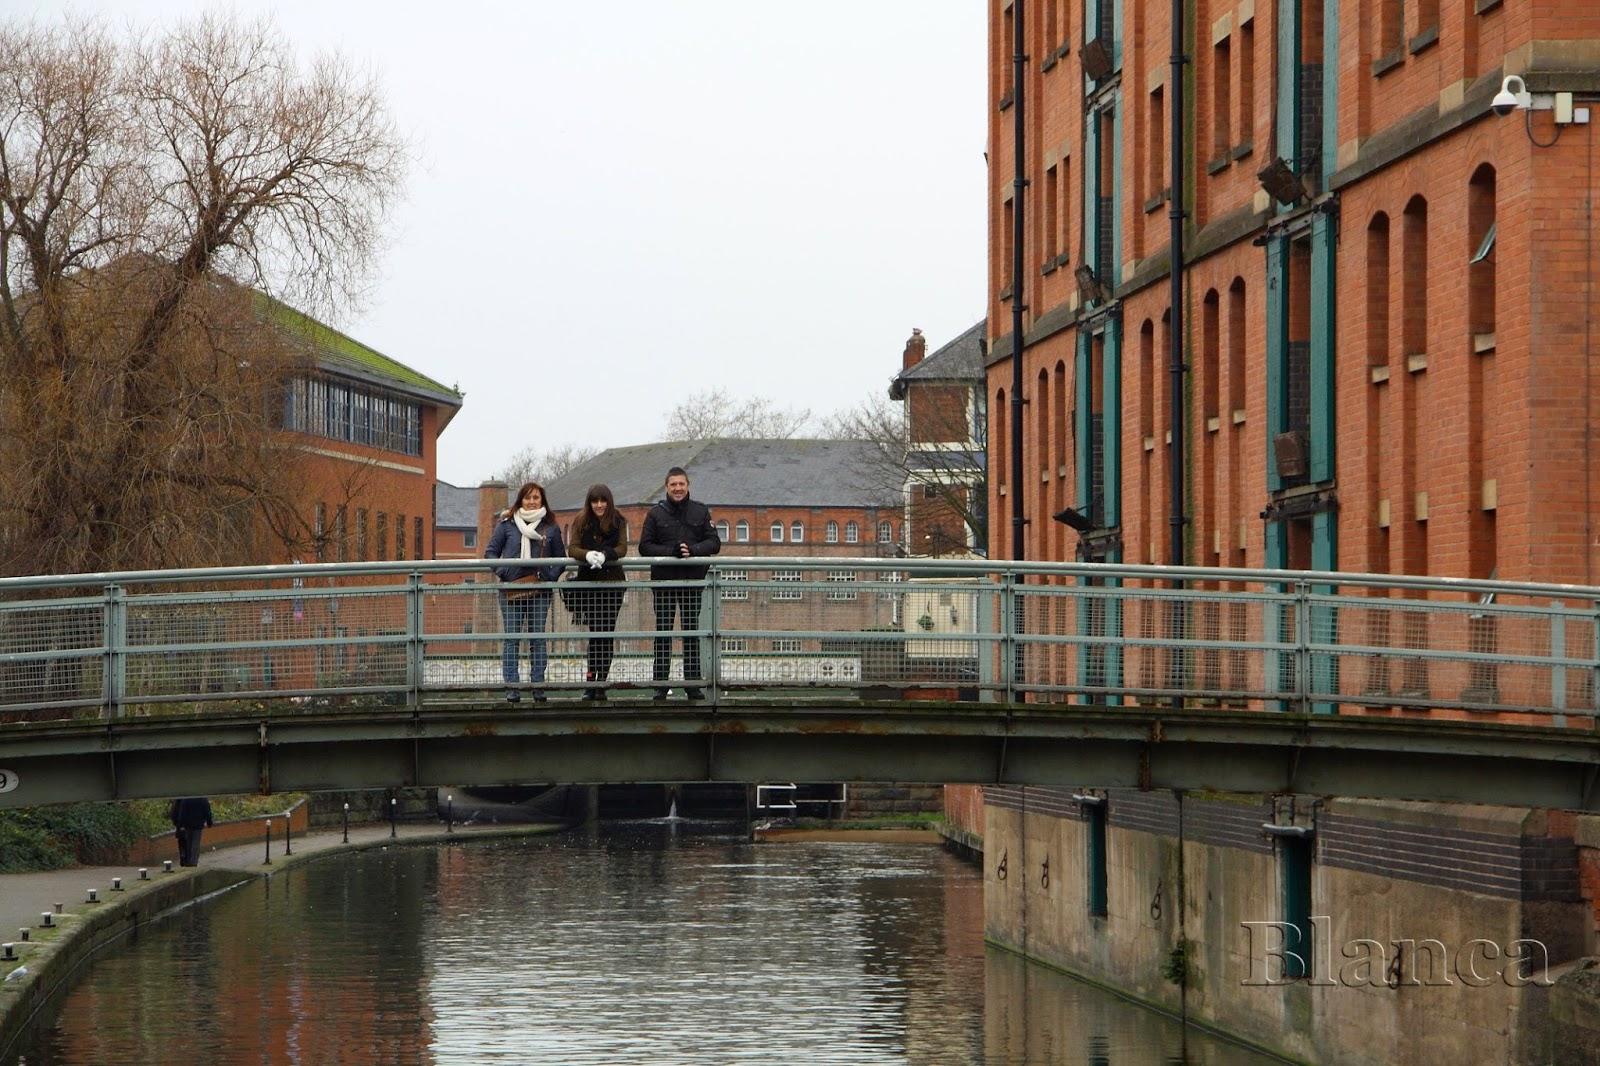 El canal de Nottingham